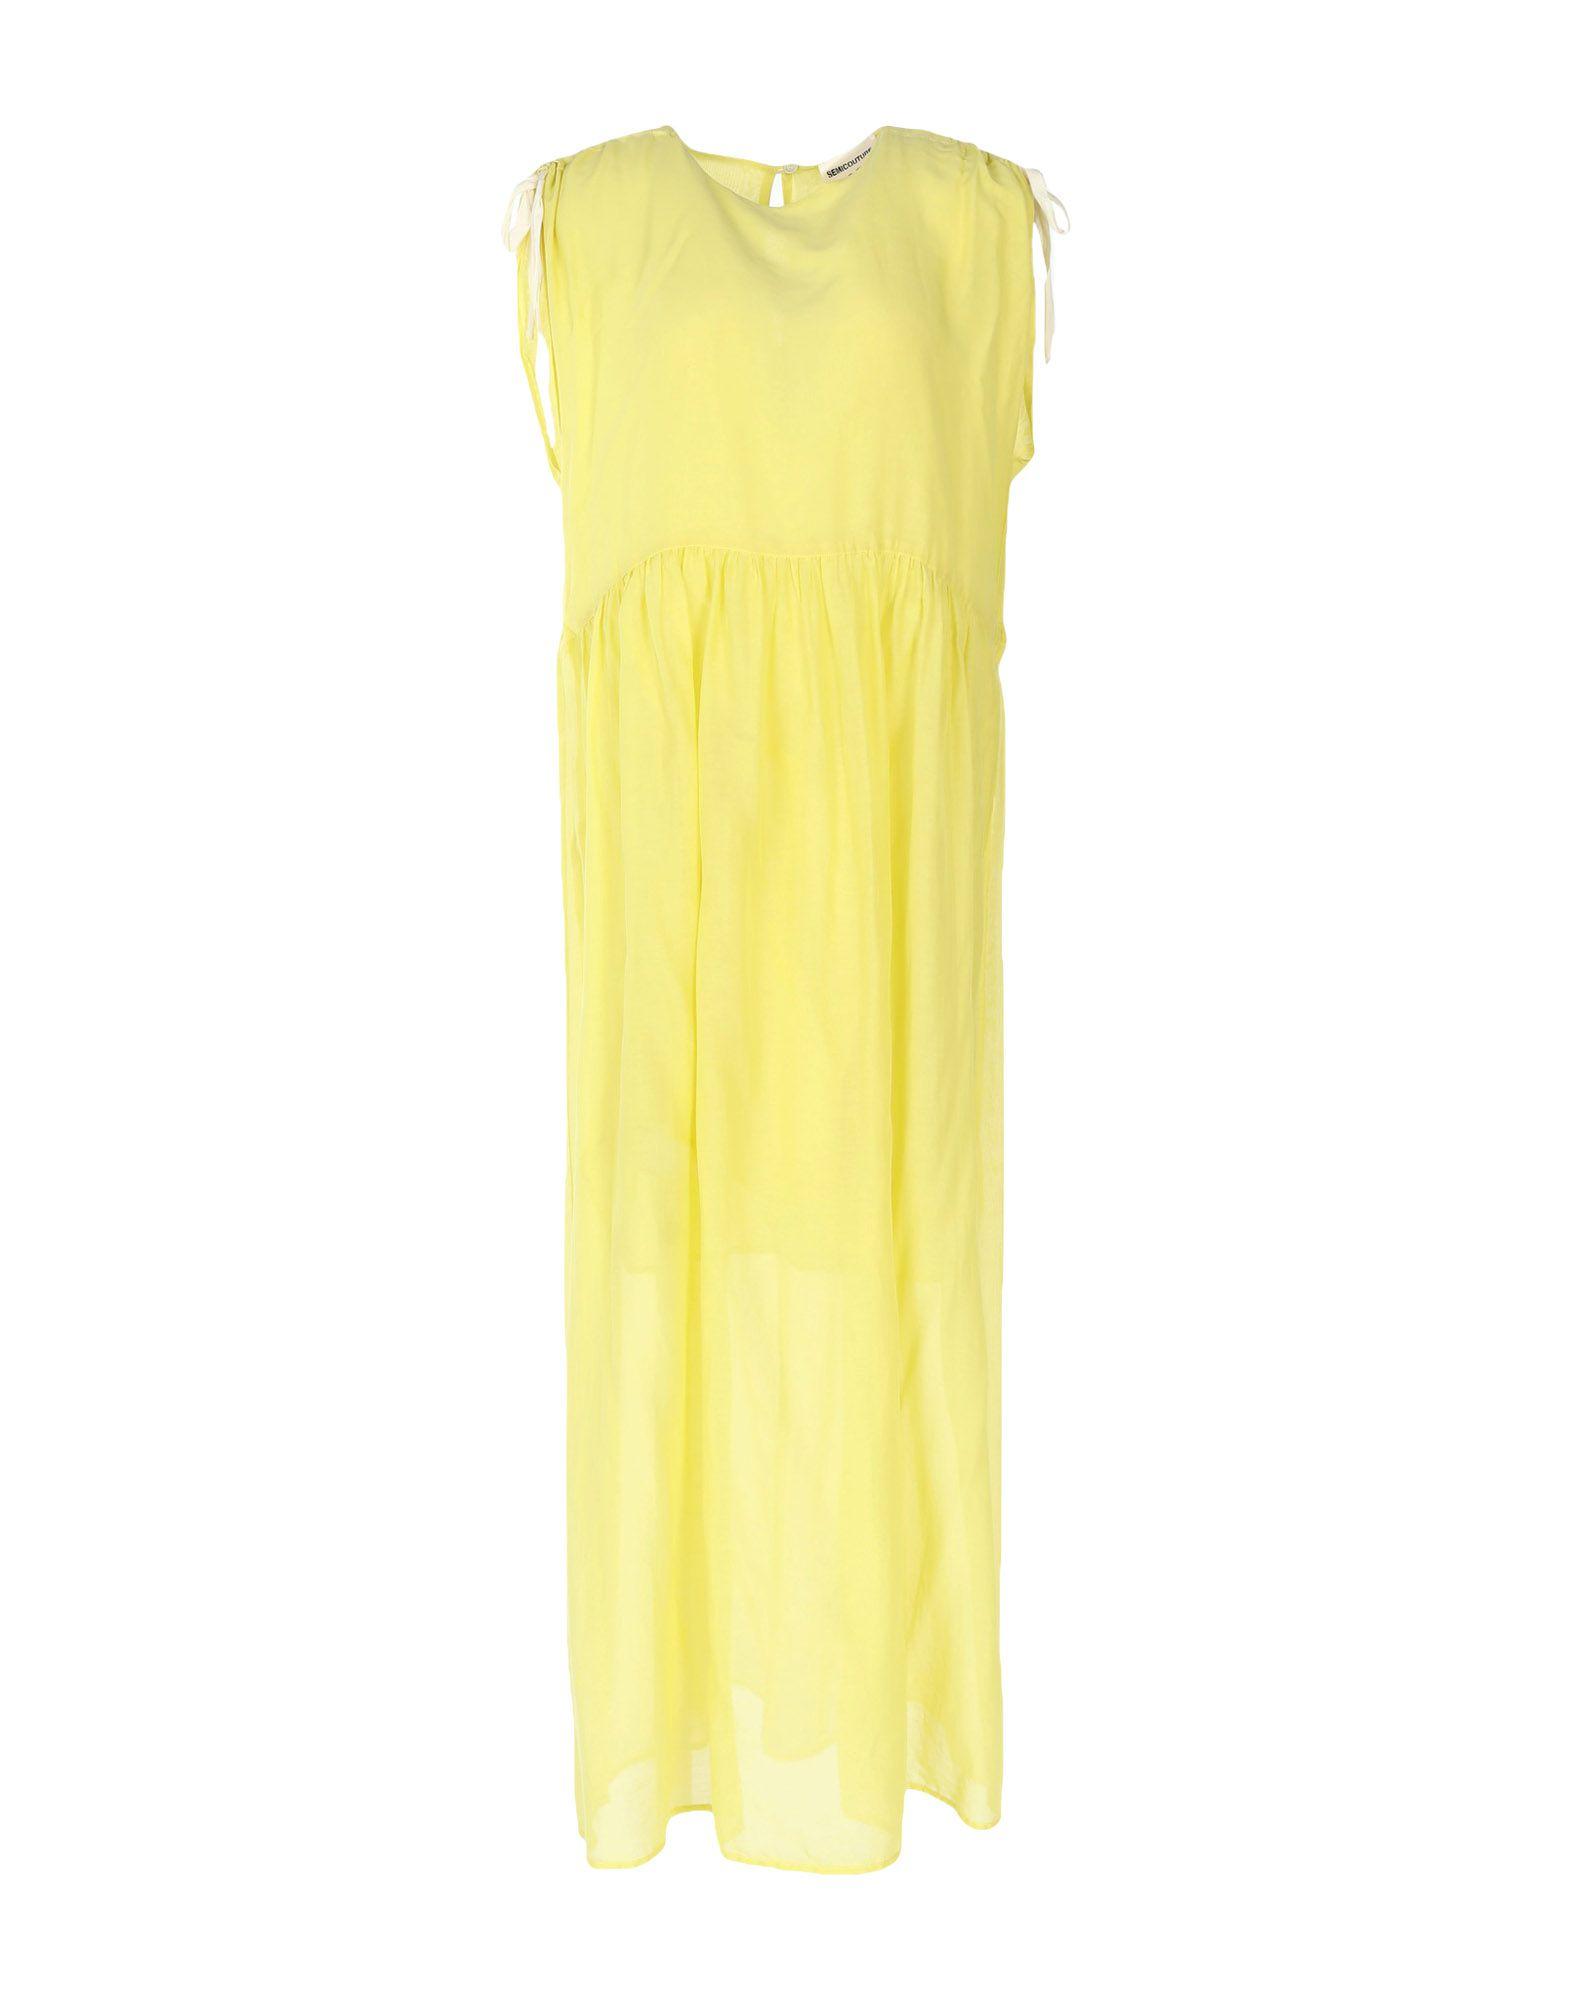 SEMICOUTURE Damen Langes Kleid Farbe Gelb Größe 5